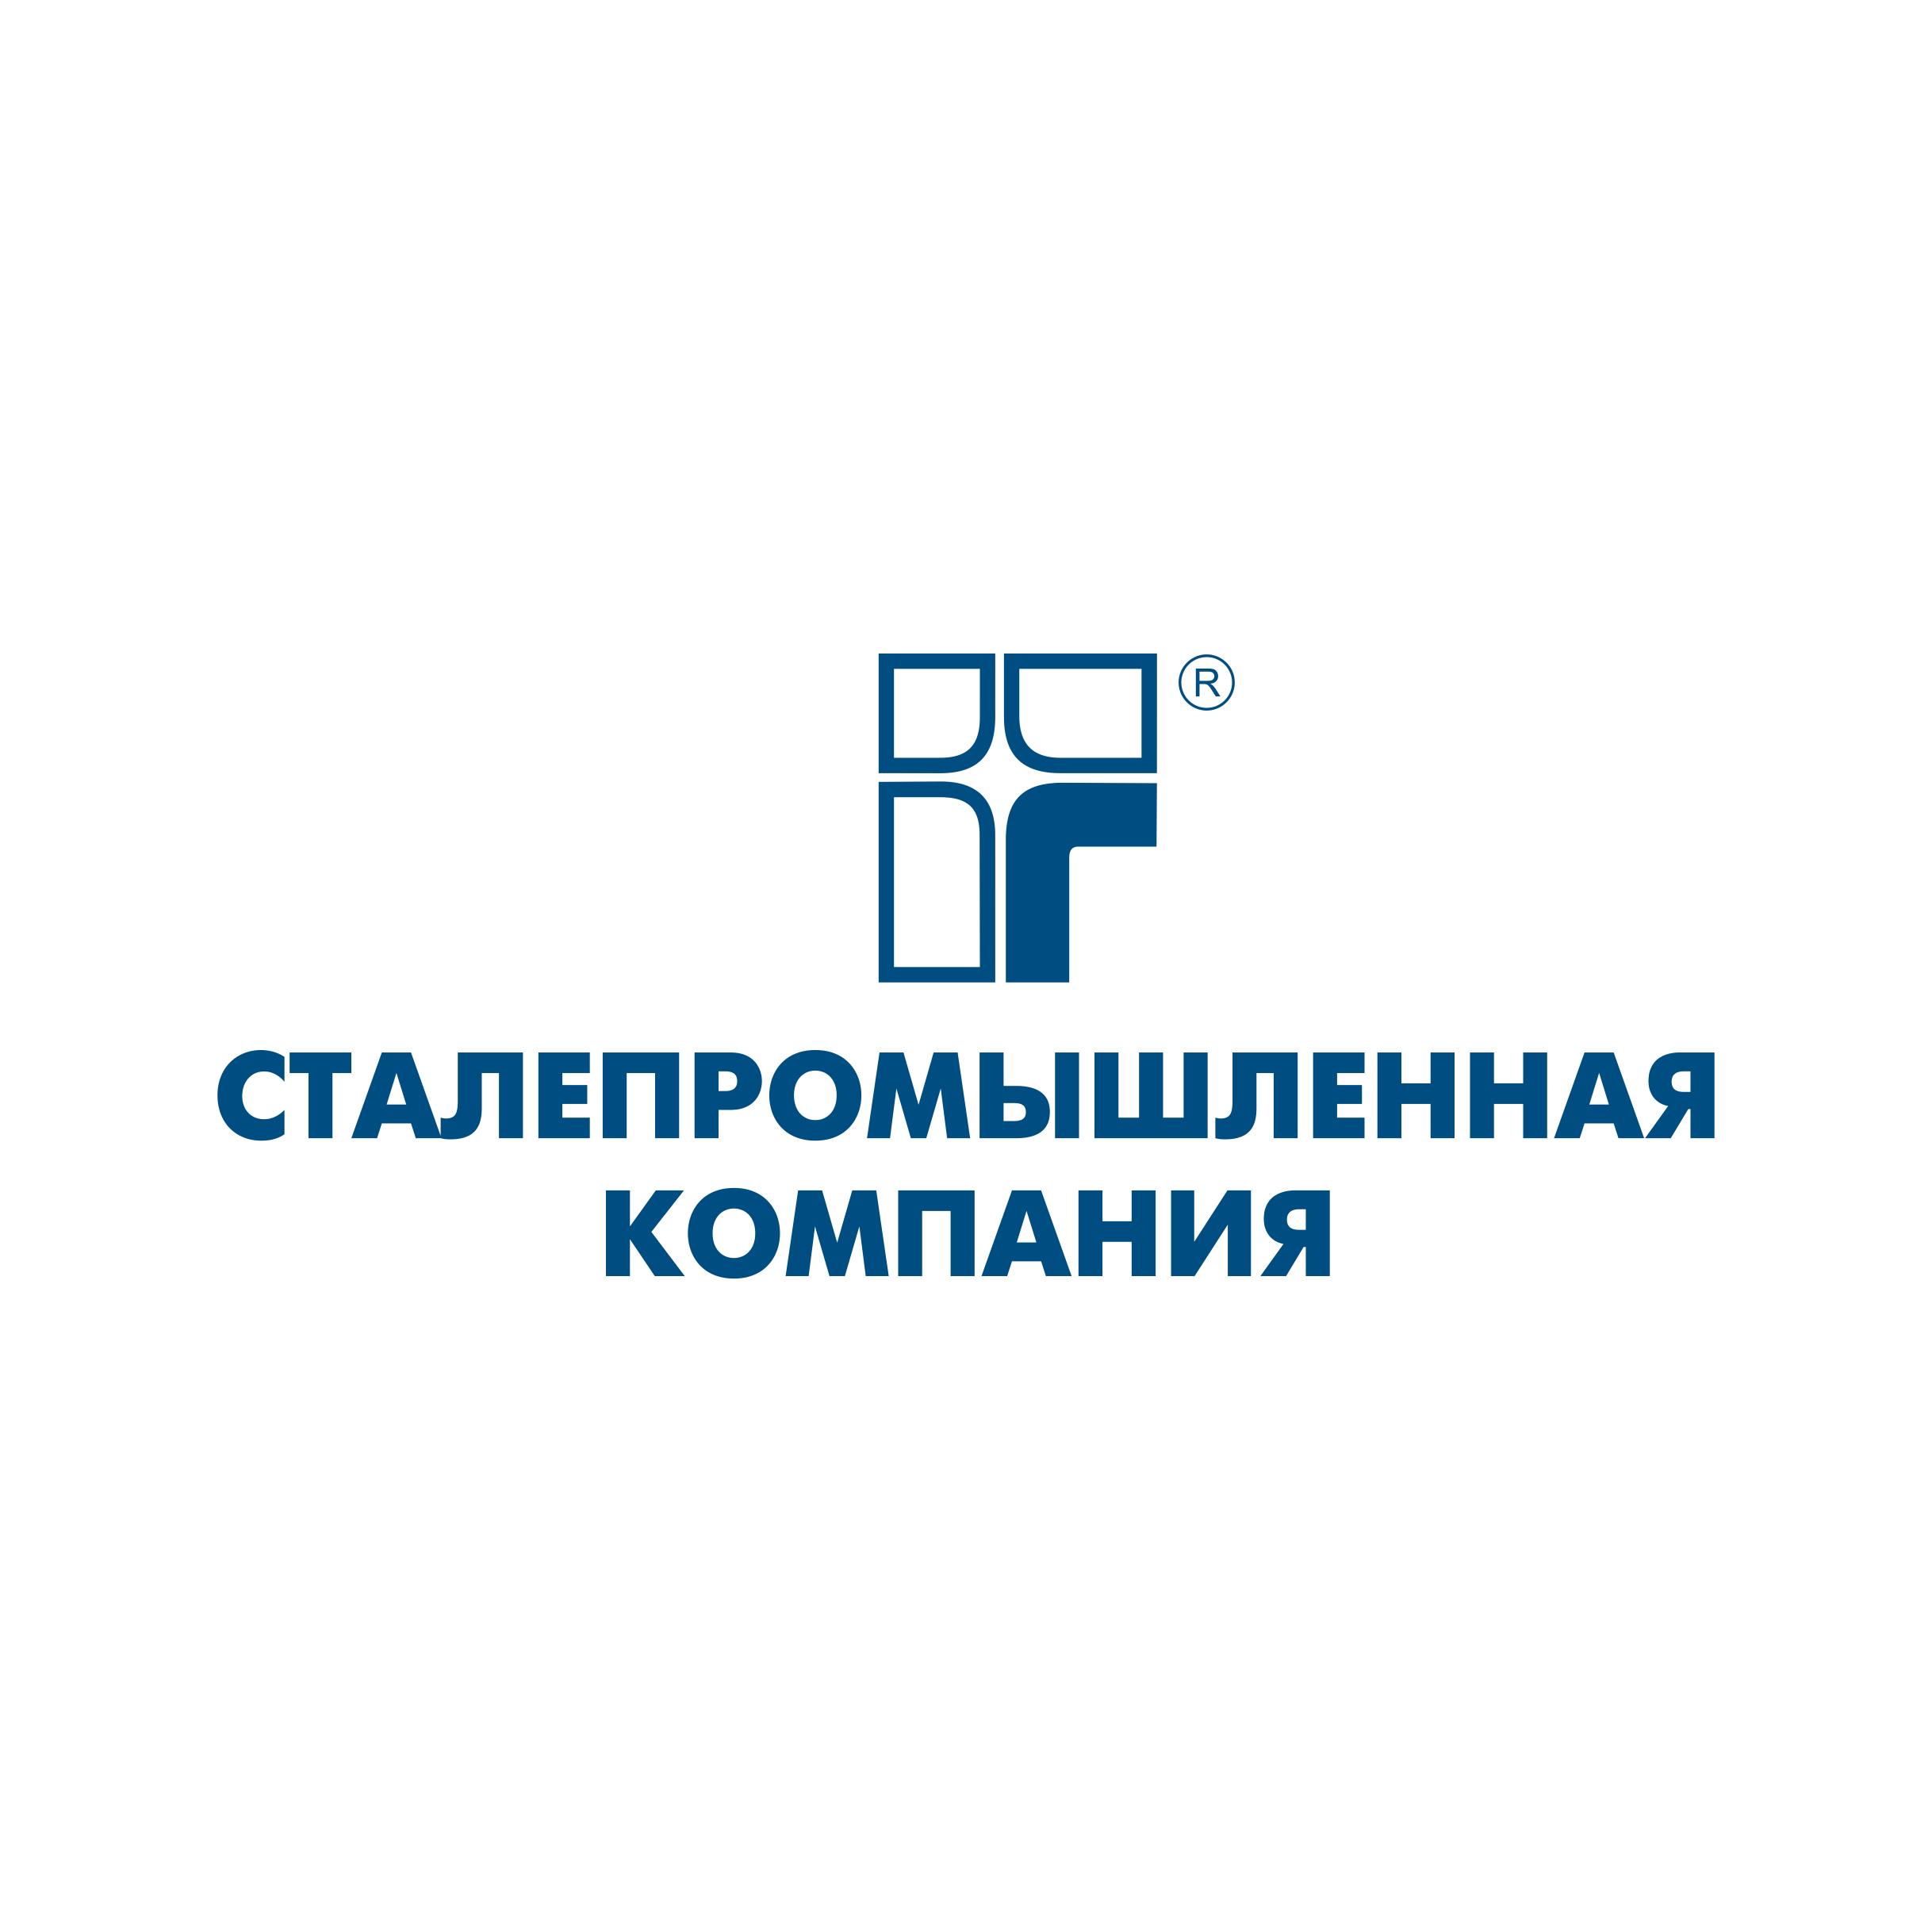 православные заведения: отзывы о сталепромышленной компании комплекс Восточный Оренбурге